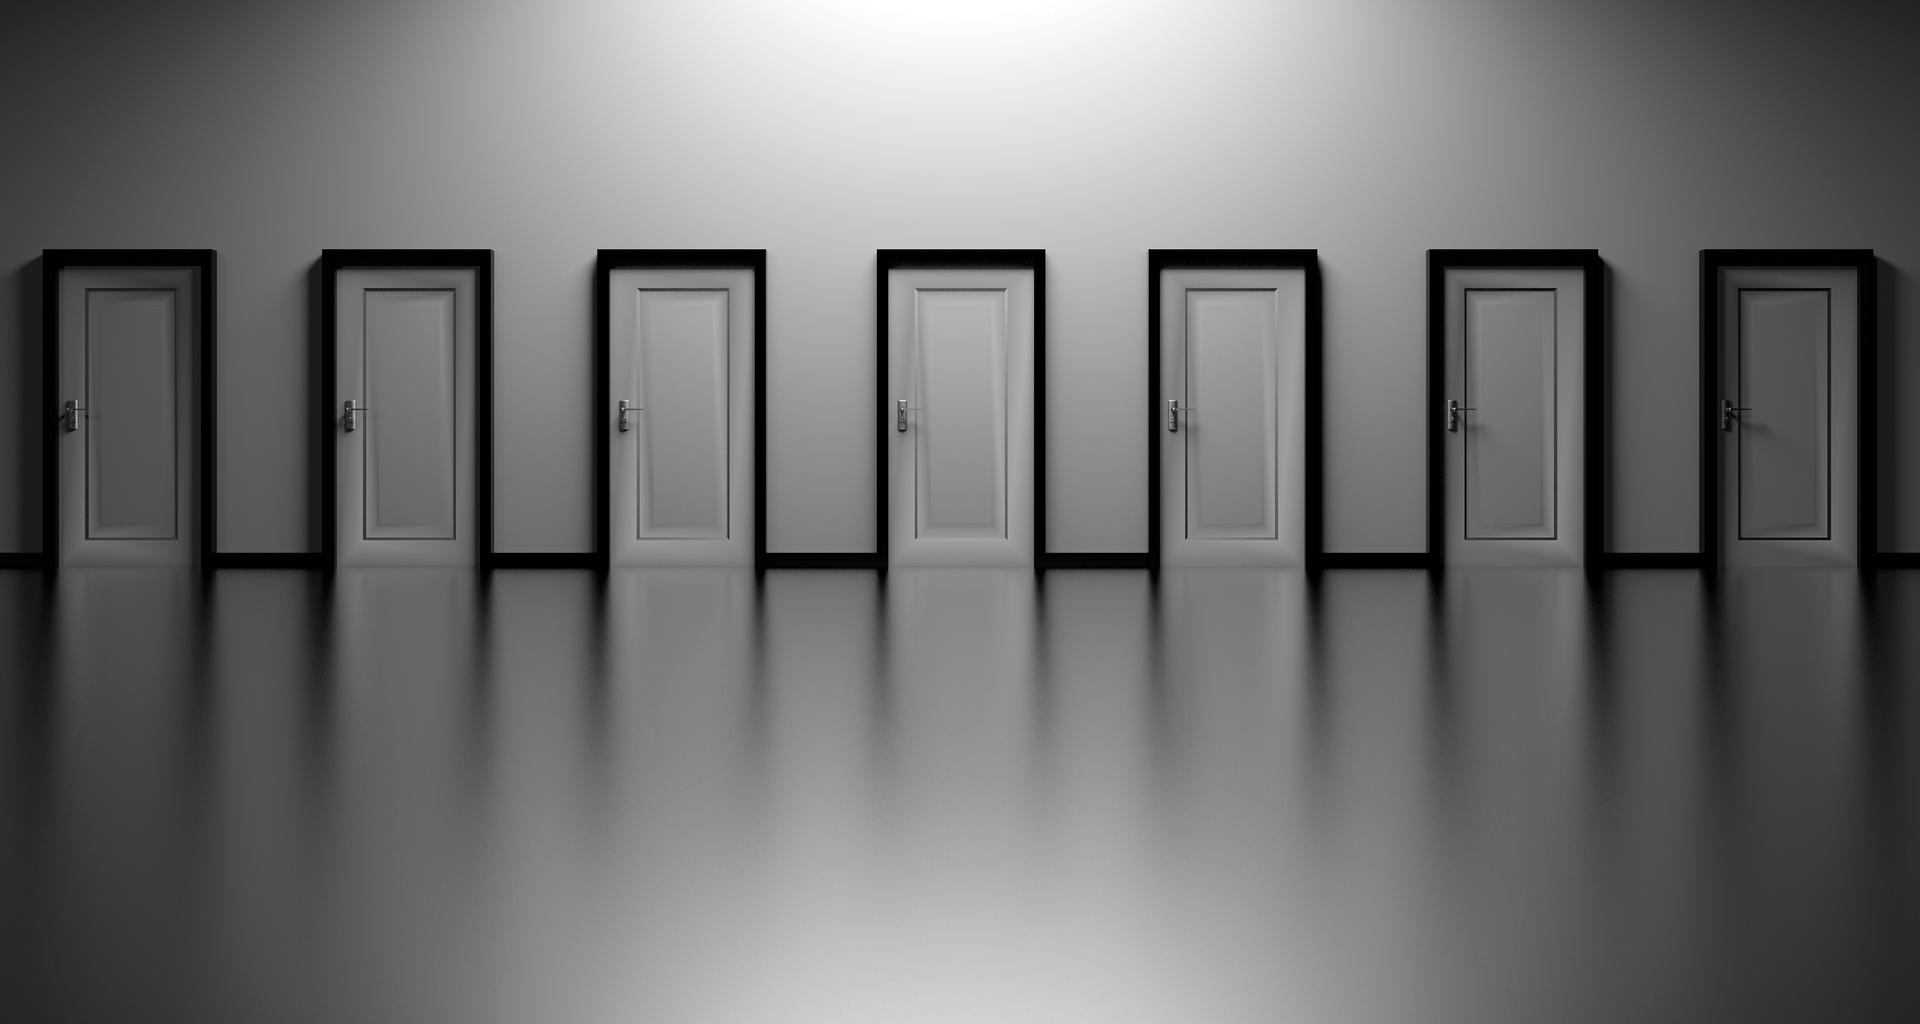 Row of doors.